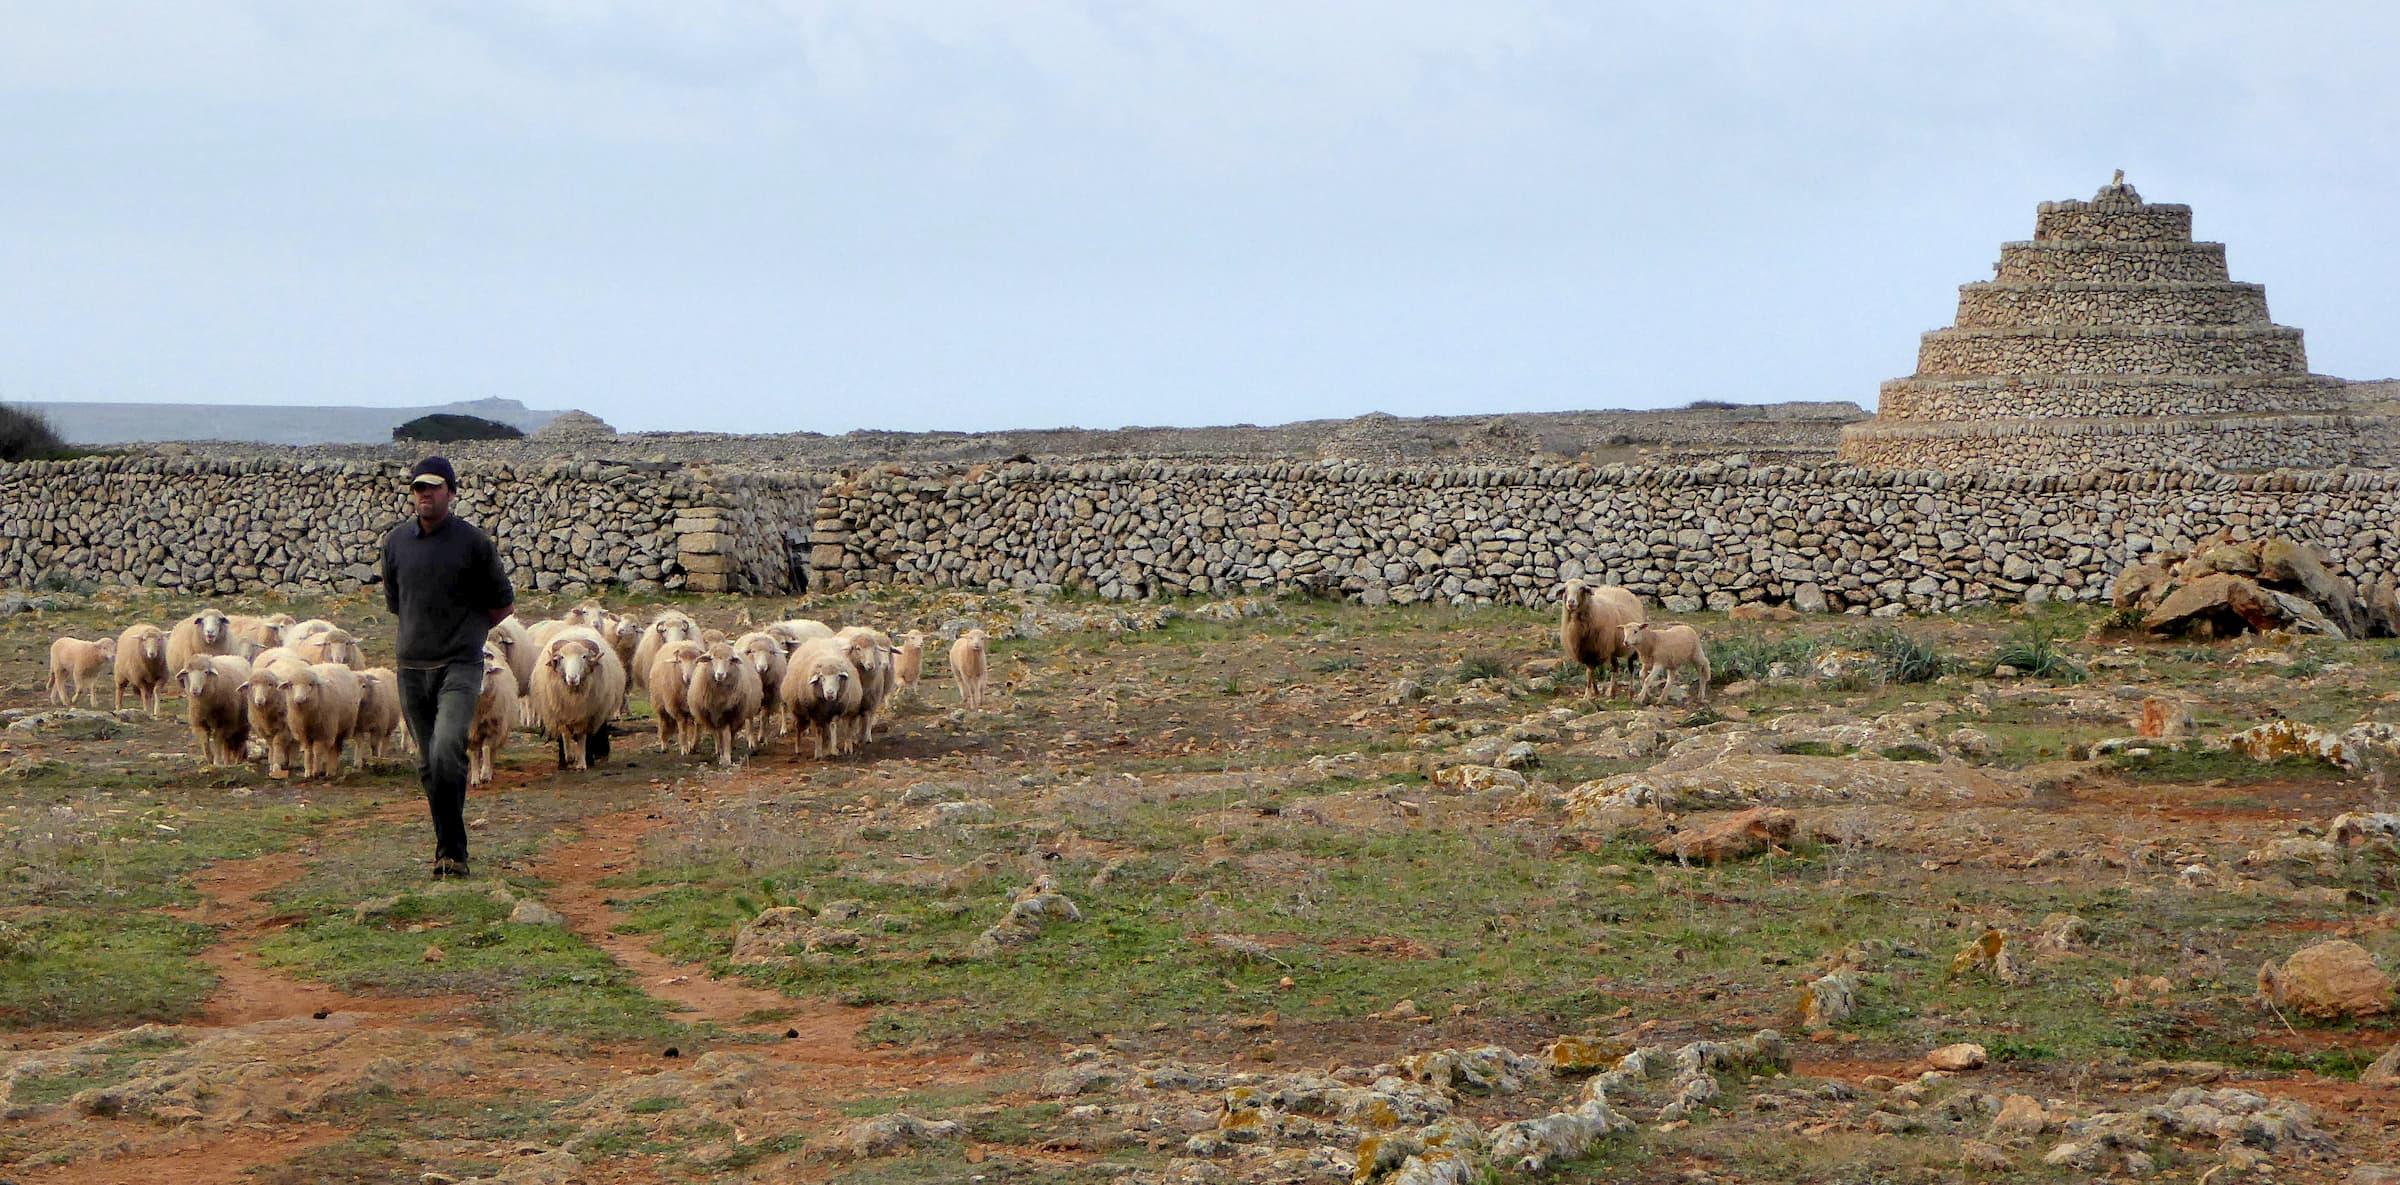 Punta Nati. Paisaje cultural y patrimonio etnologico en activo a través de la ganadería.